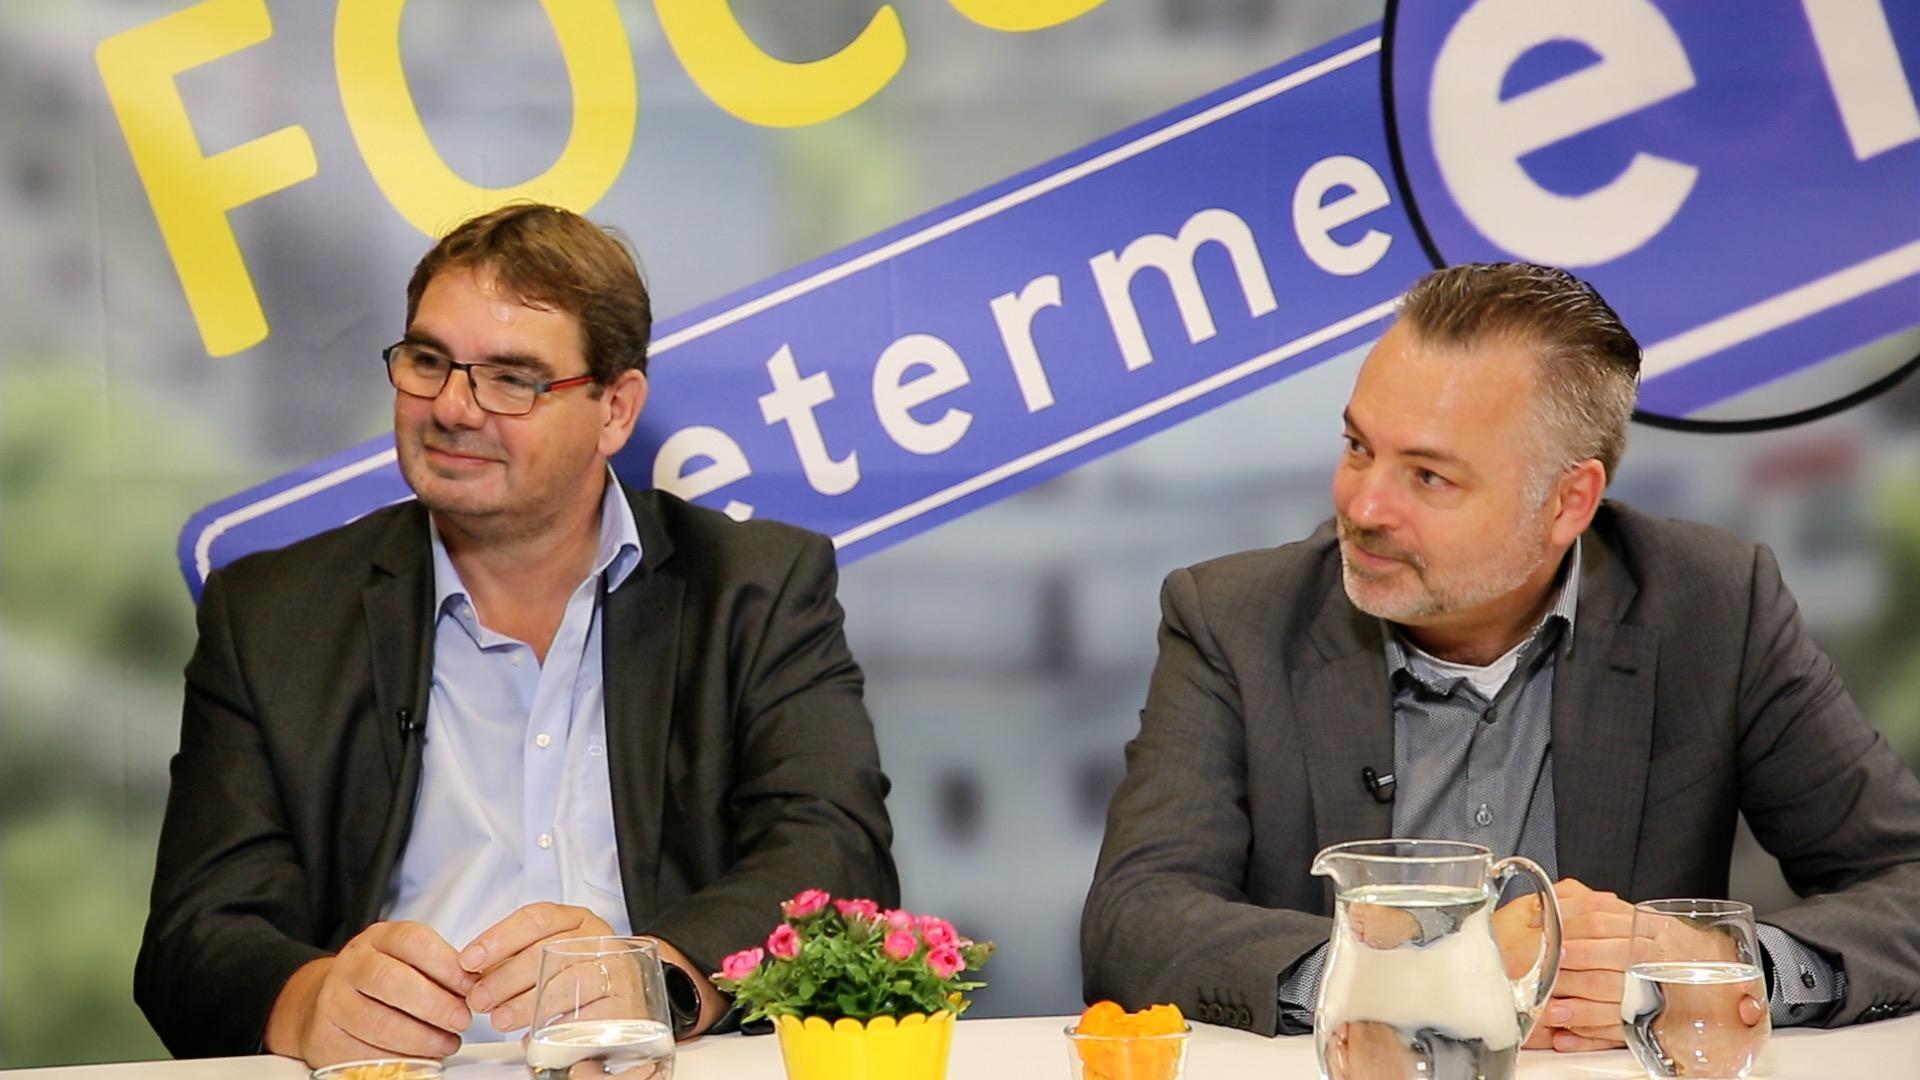 Focus op Zoetermeer (Jaargang 1 Aflevering 21)